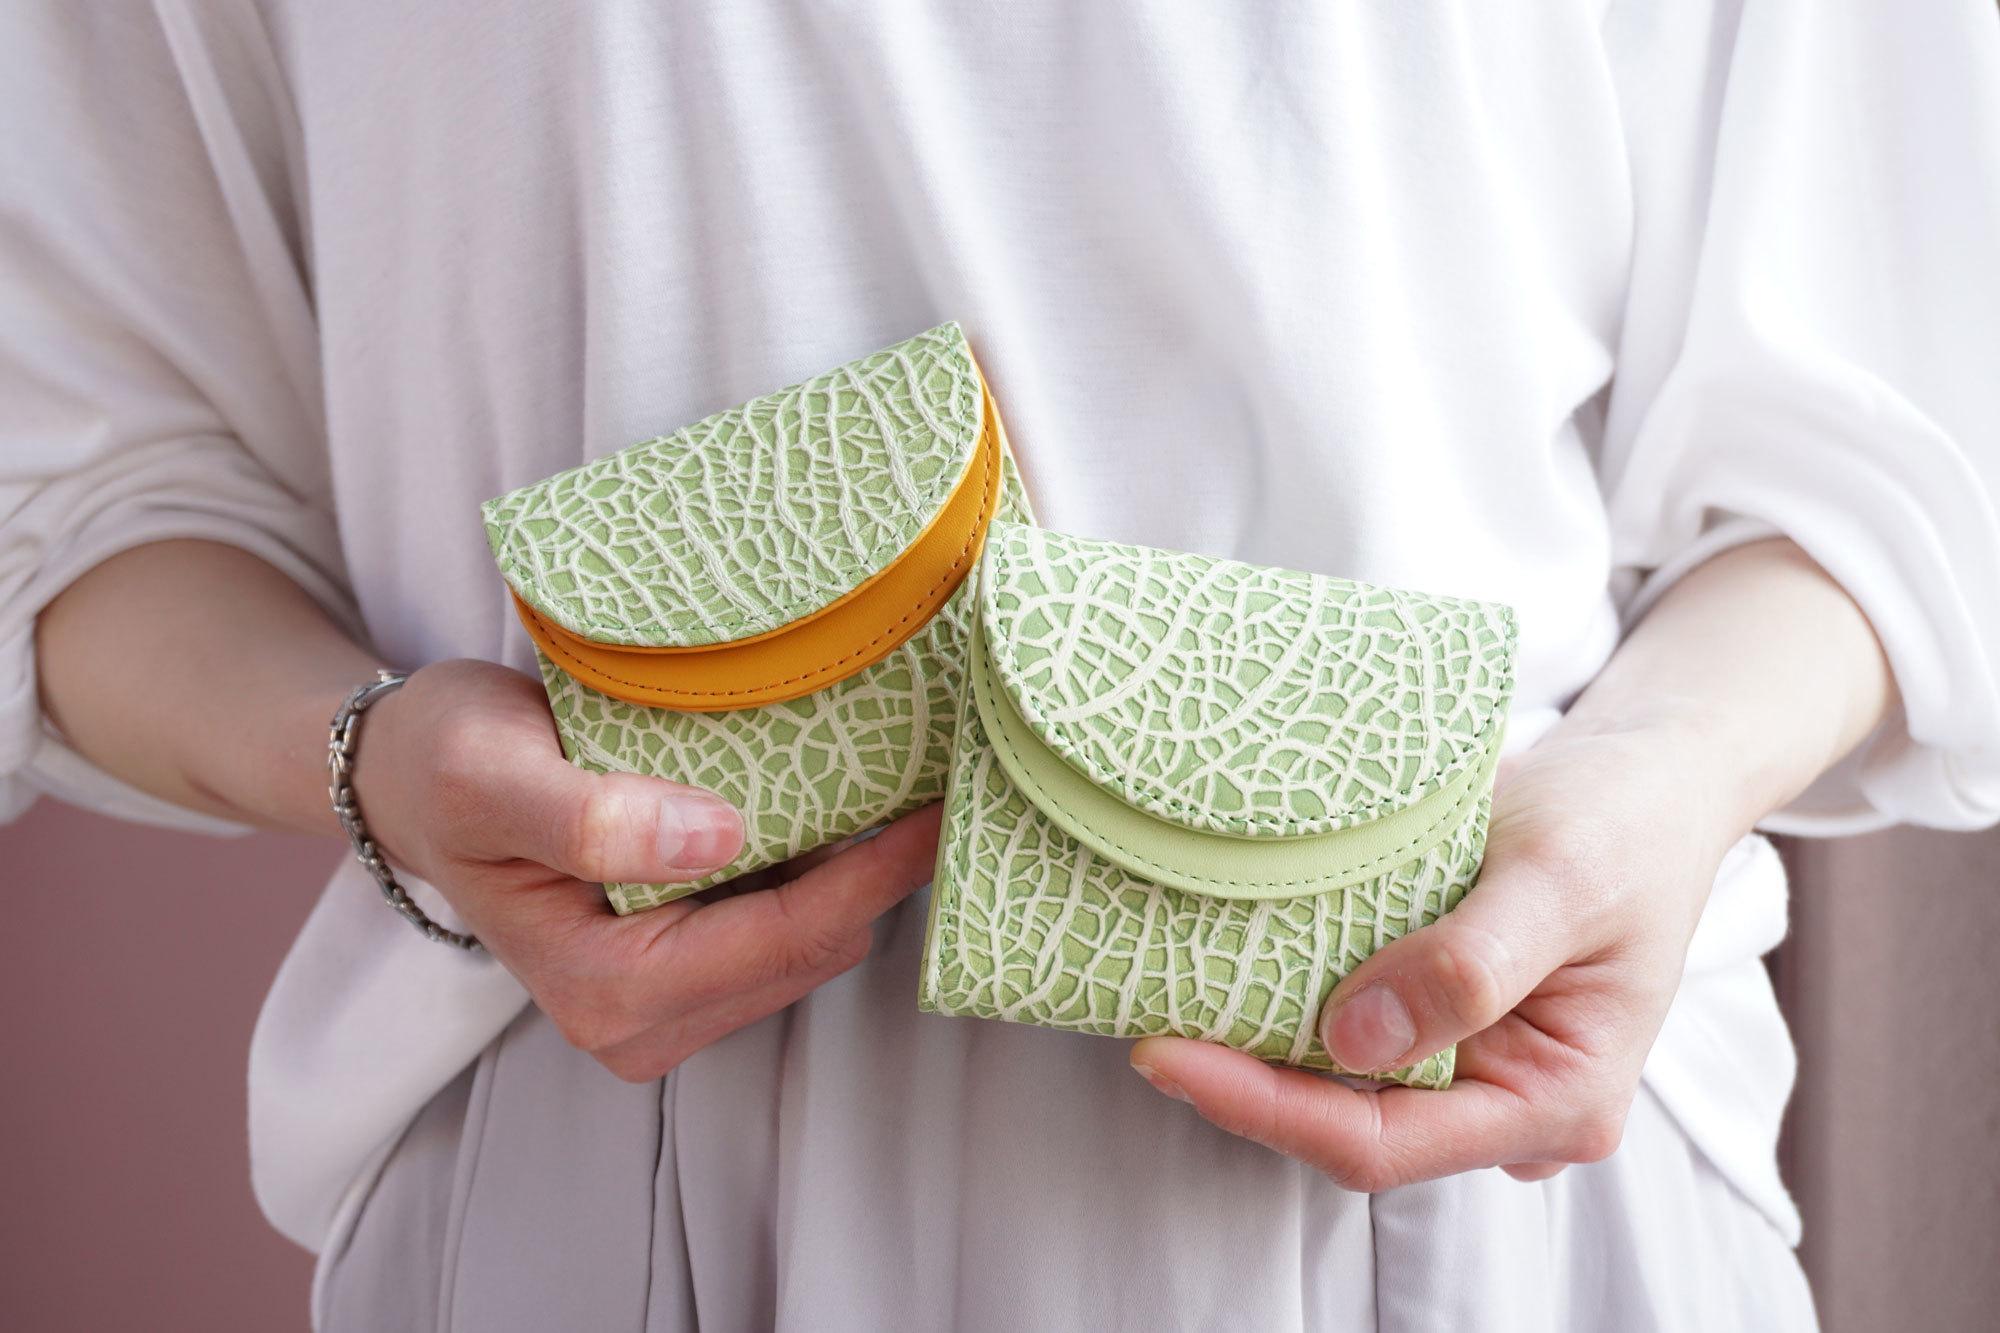 旅行用メロン。メロンな3つ折り財布(牛革製)